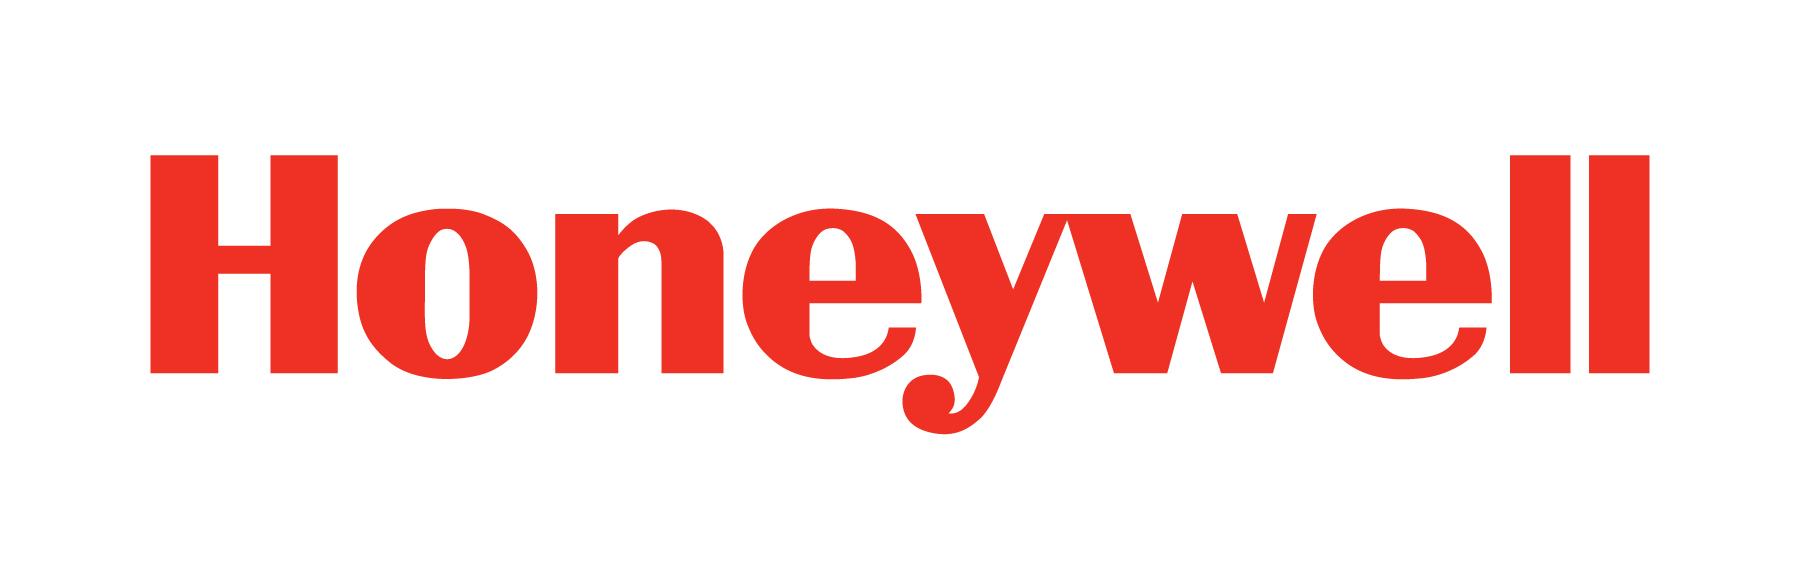 Honeywell International